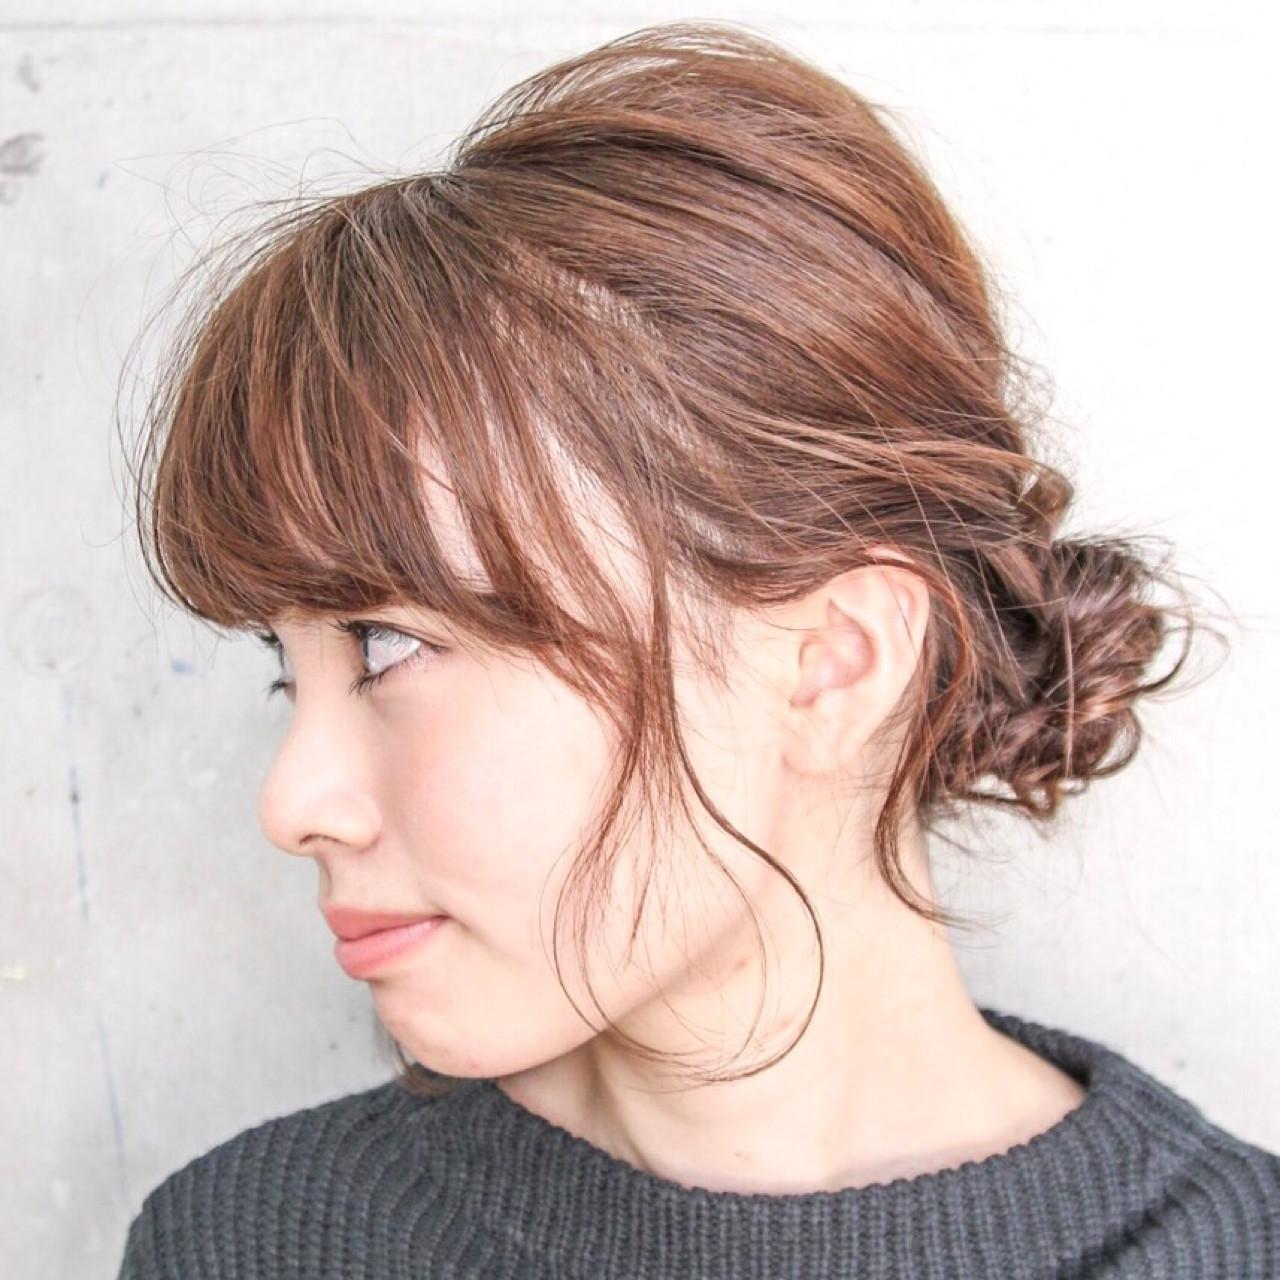 外国人風 簡単ヘアアレンジ ショート 大人女子 ヘアスタイルや髪型の写真・画像